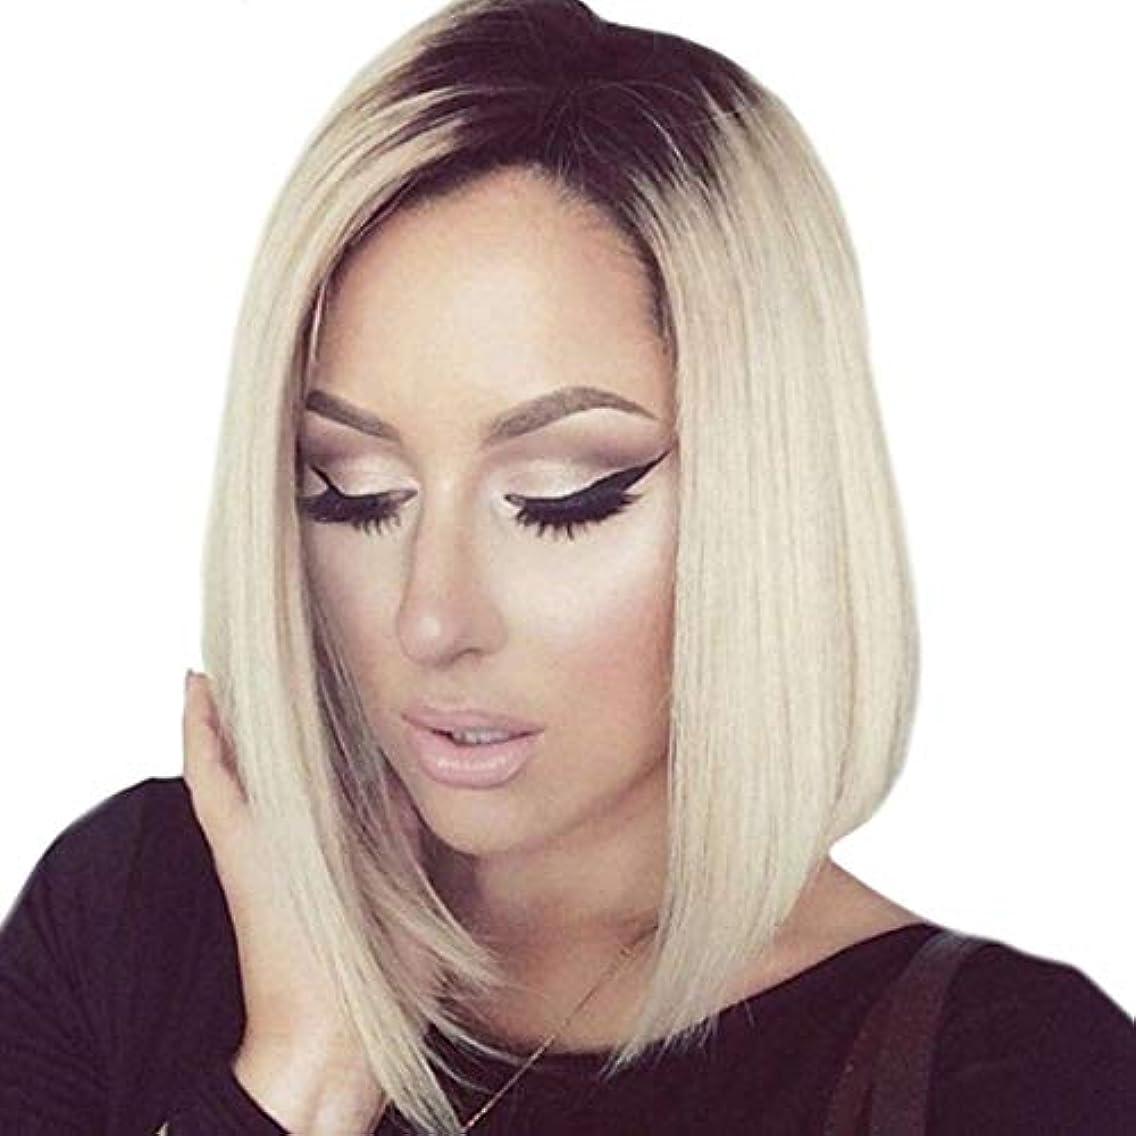 勤勉桃テレビKerwinner 女性のためのミディアムロングストレートヘアショルダーグラデーションカラーウィッグヘッドギア